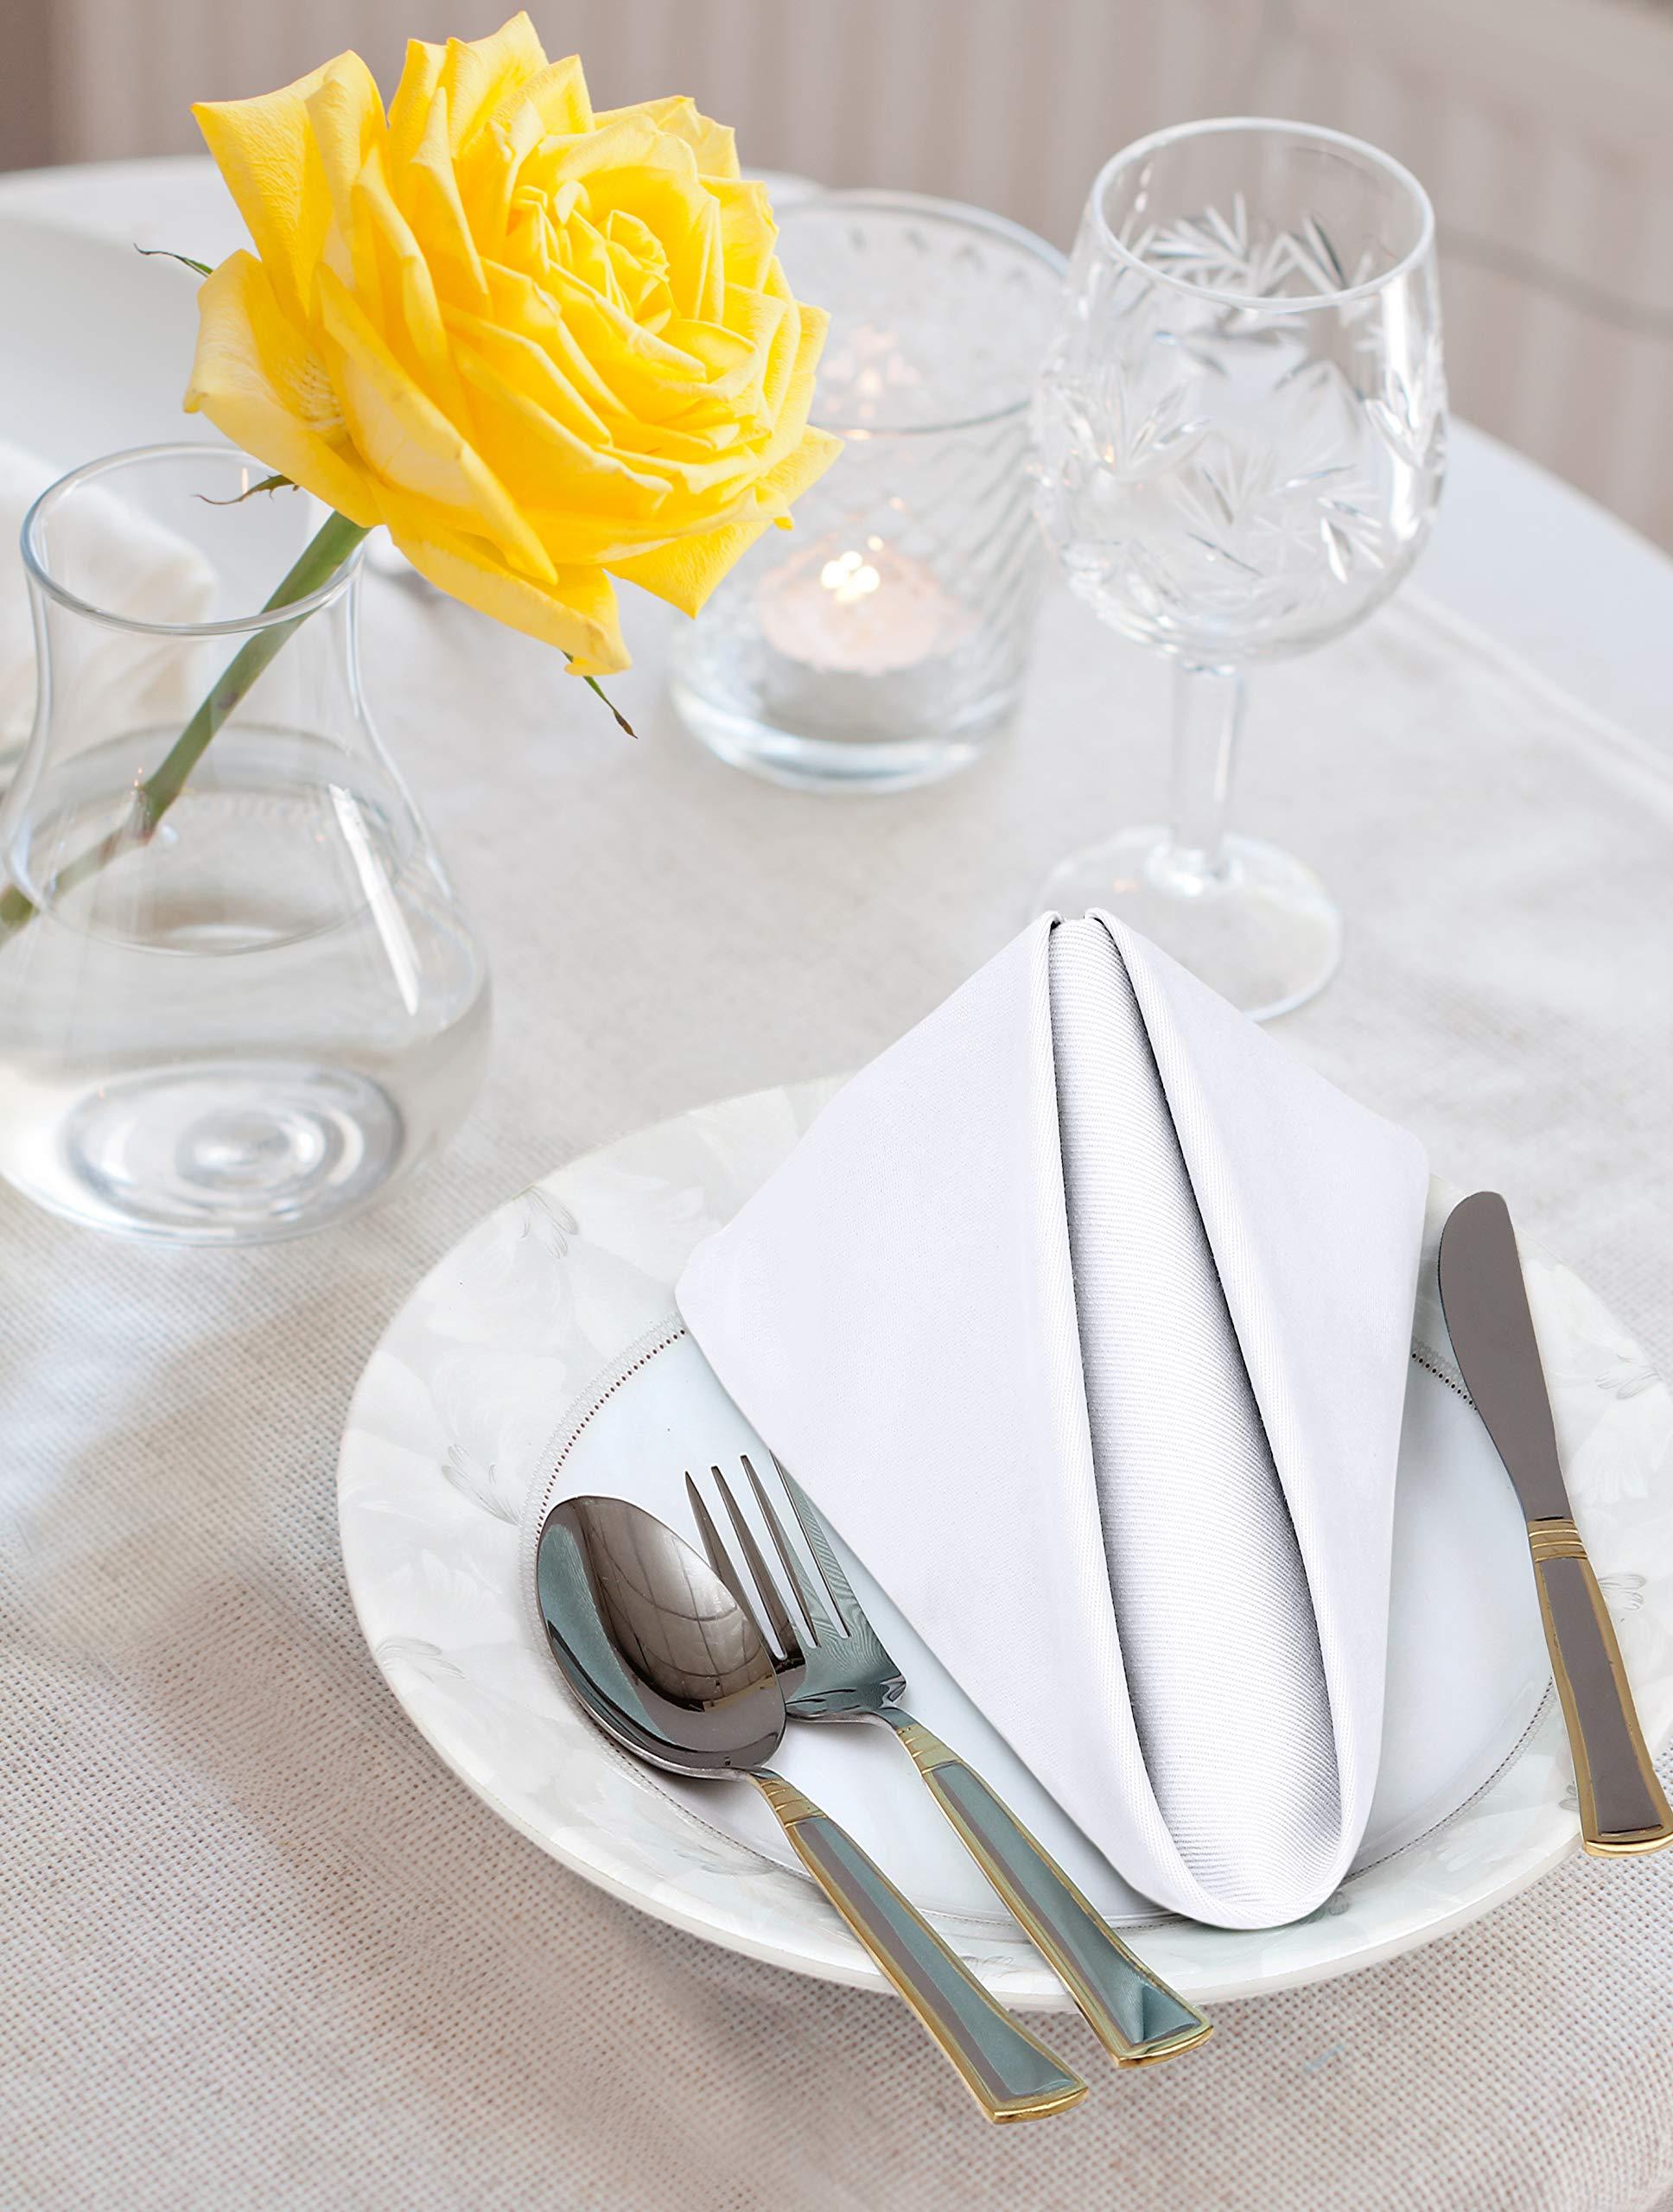 Utopia Kitchen Cloth Napkins 18 By 18 Inches 12 Pack White Dinner Napkins Cotton Blend Soft Durable Napkins Home Kitchen Amazon Com